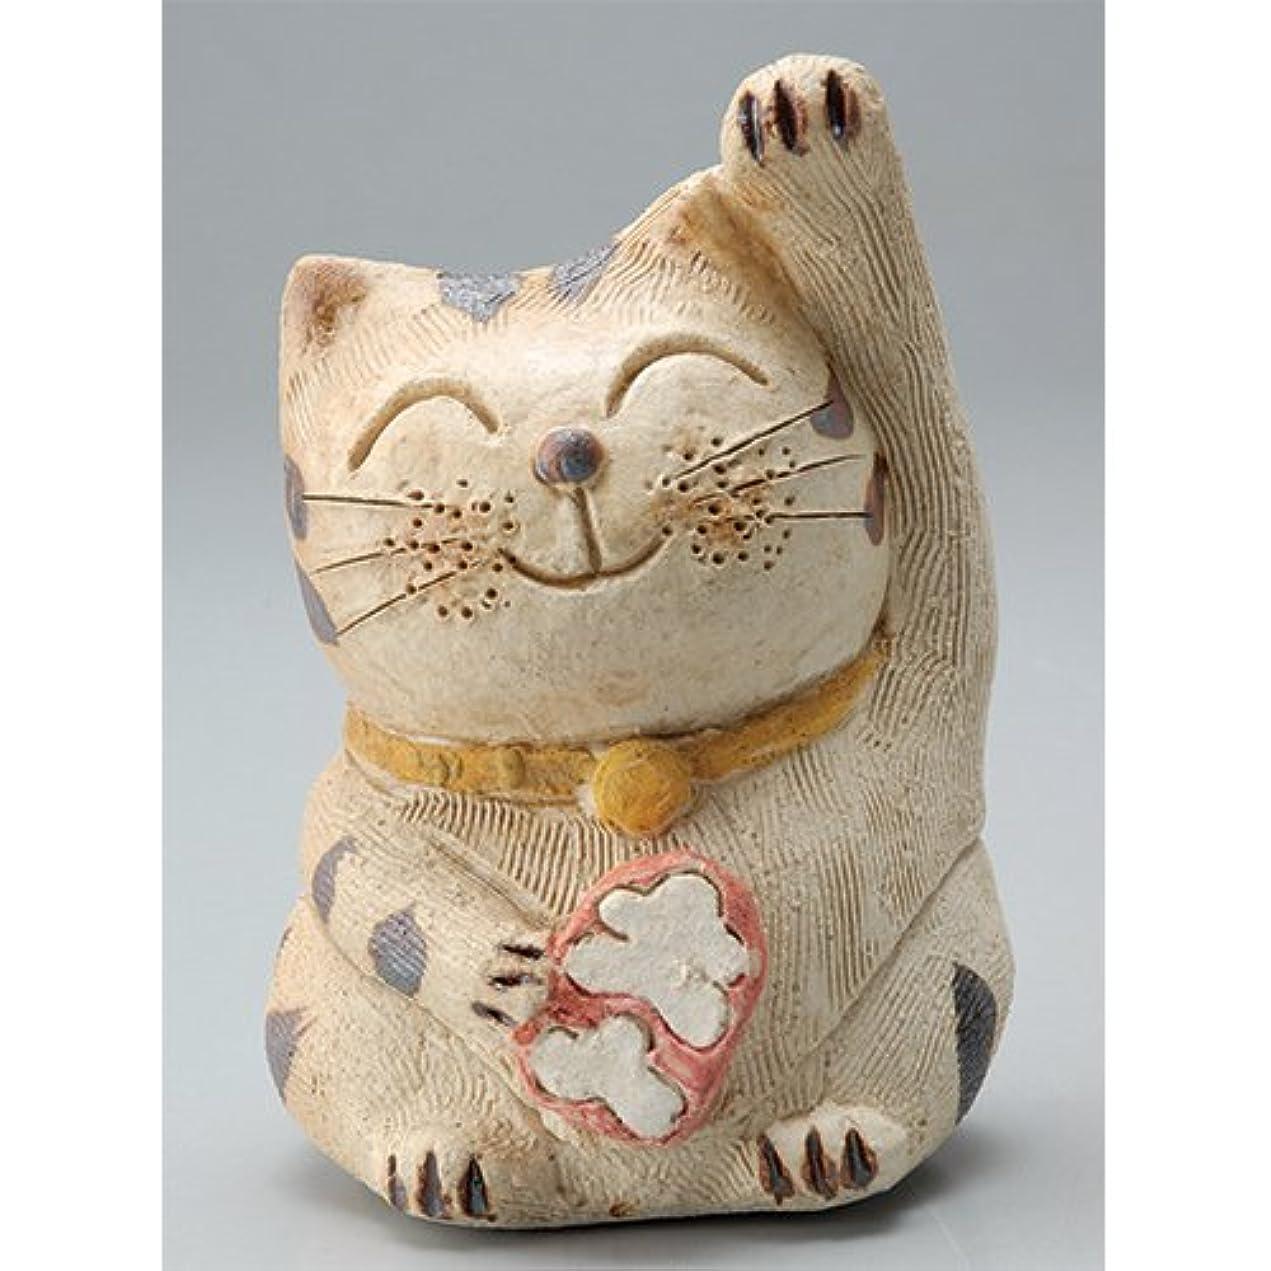 まさに合体申請中香炉 微笑み招き猫(人招き)香炉(中) [H14cm] HANDMADE プレゼント ギフト 和食器 かわいい インテリア